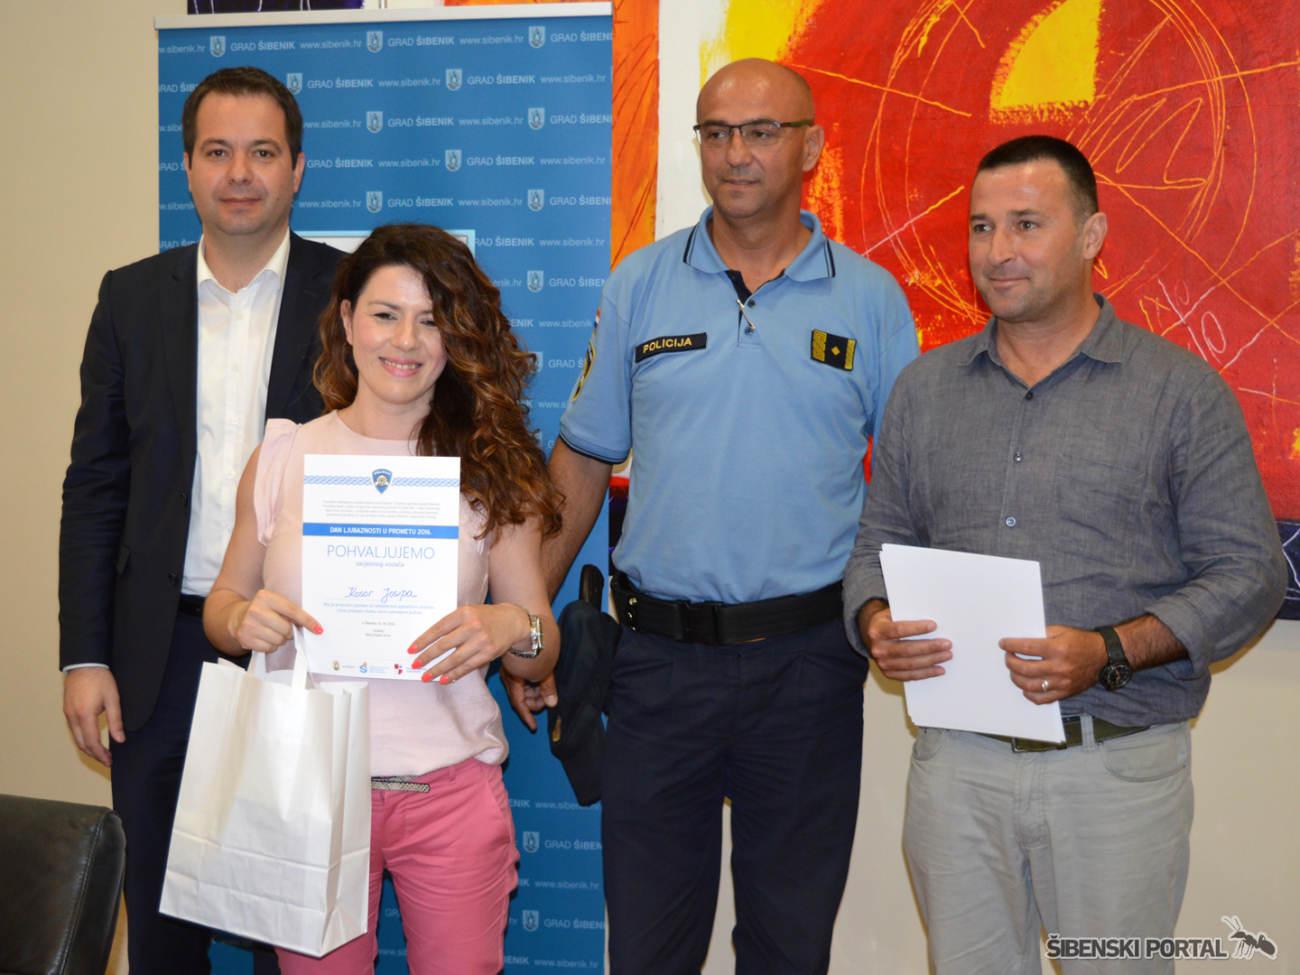 policija dan ljubaznosti nagradeni 020616 6